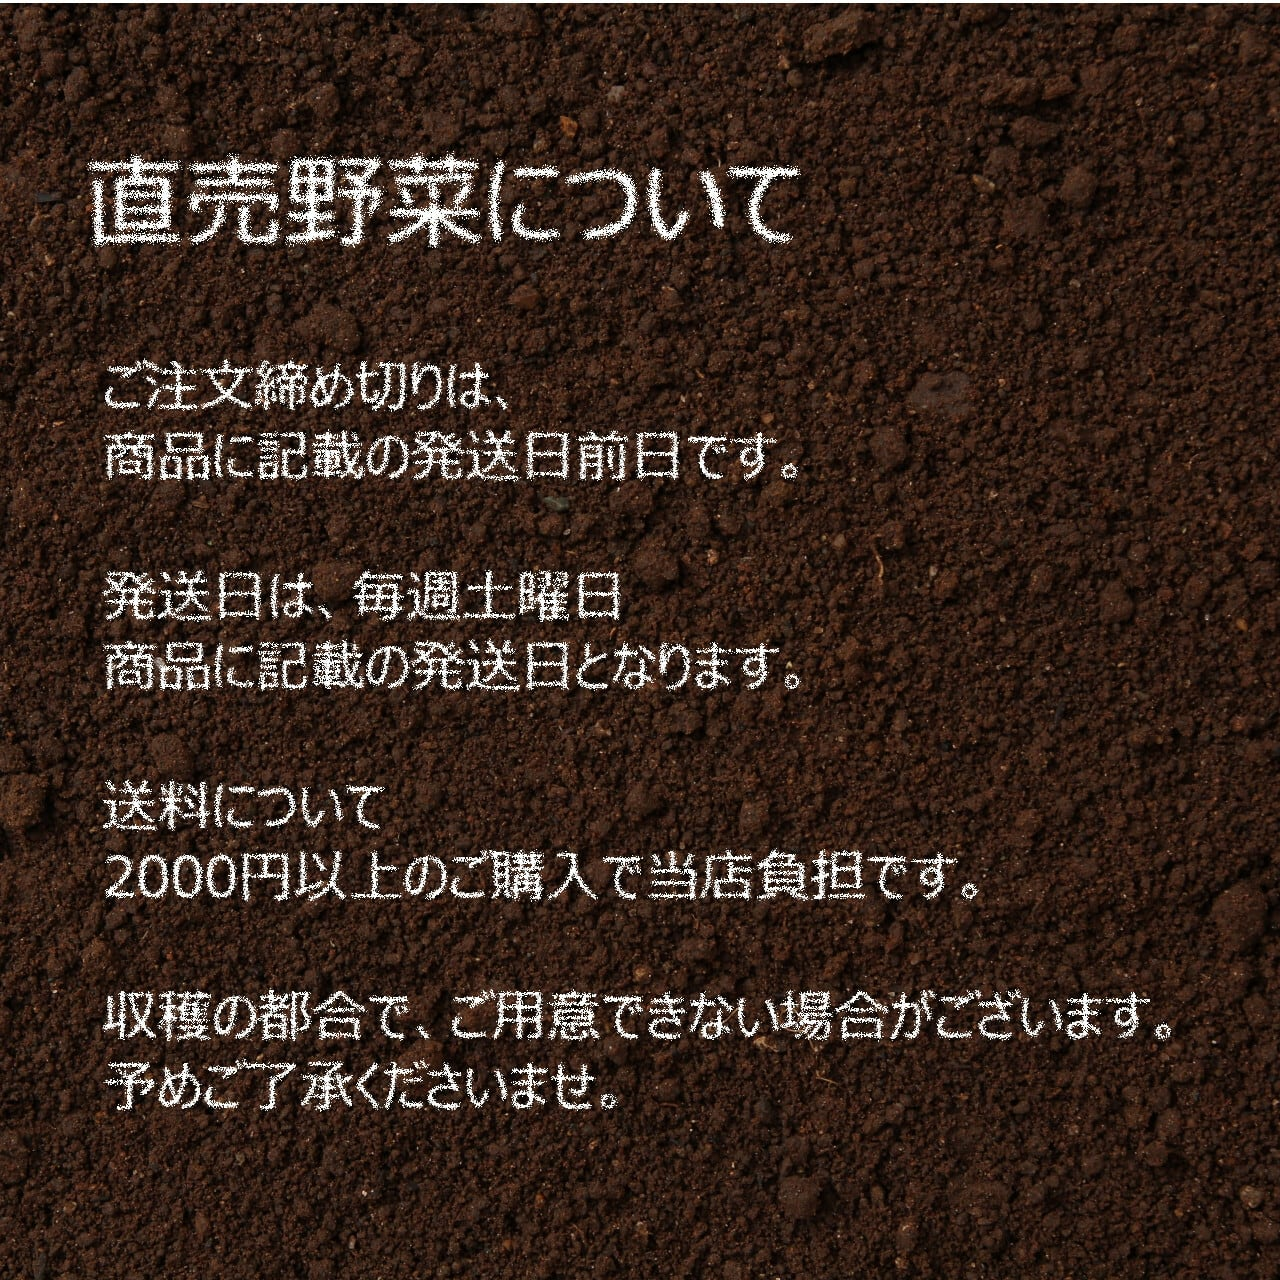 9月の朝採り直売野菜 : キュウリ 3~4本 新鮮な秋野菜 9月12日発送予定